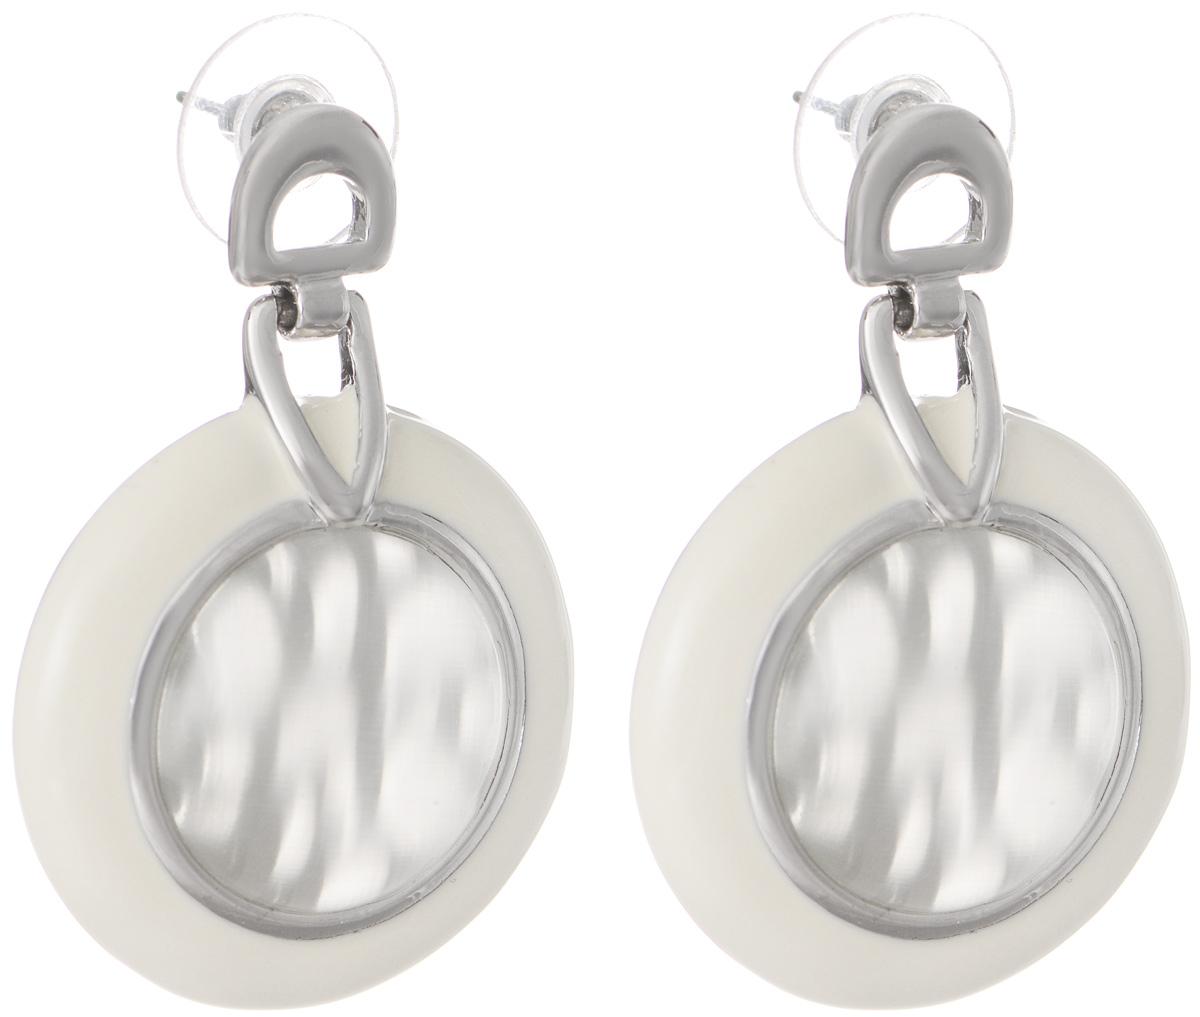 Серьги Art-Silver, цвет: серебряный, белый. V058150-002-891V058150-002-891Оригинальные серьги Art-Silver выполнены из бижутерного сплава, с легкостью завершат ваш образ. В качестве основы украшения использован замок-гвоздик с фиксатором из металла и пластика. Серьги дополнены оригинальными подвижными подвесками. Подвески имеют округлую форму, покрыты эмалью и дополнены вставками из кошачьего глаза. Стильные серьги придадут вашему образу изюминку, подчеркнут красоту и изящество вечернего платья или преобразят повседневный наряд.